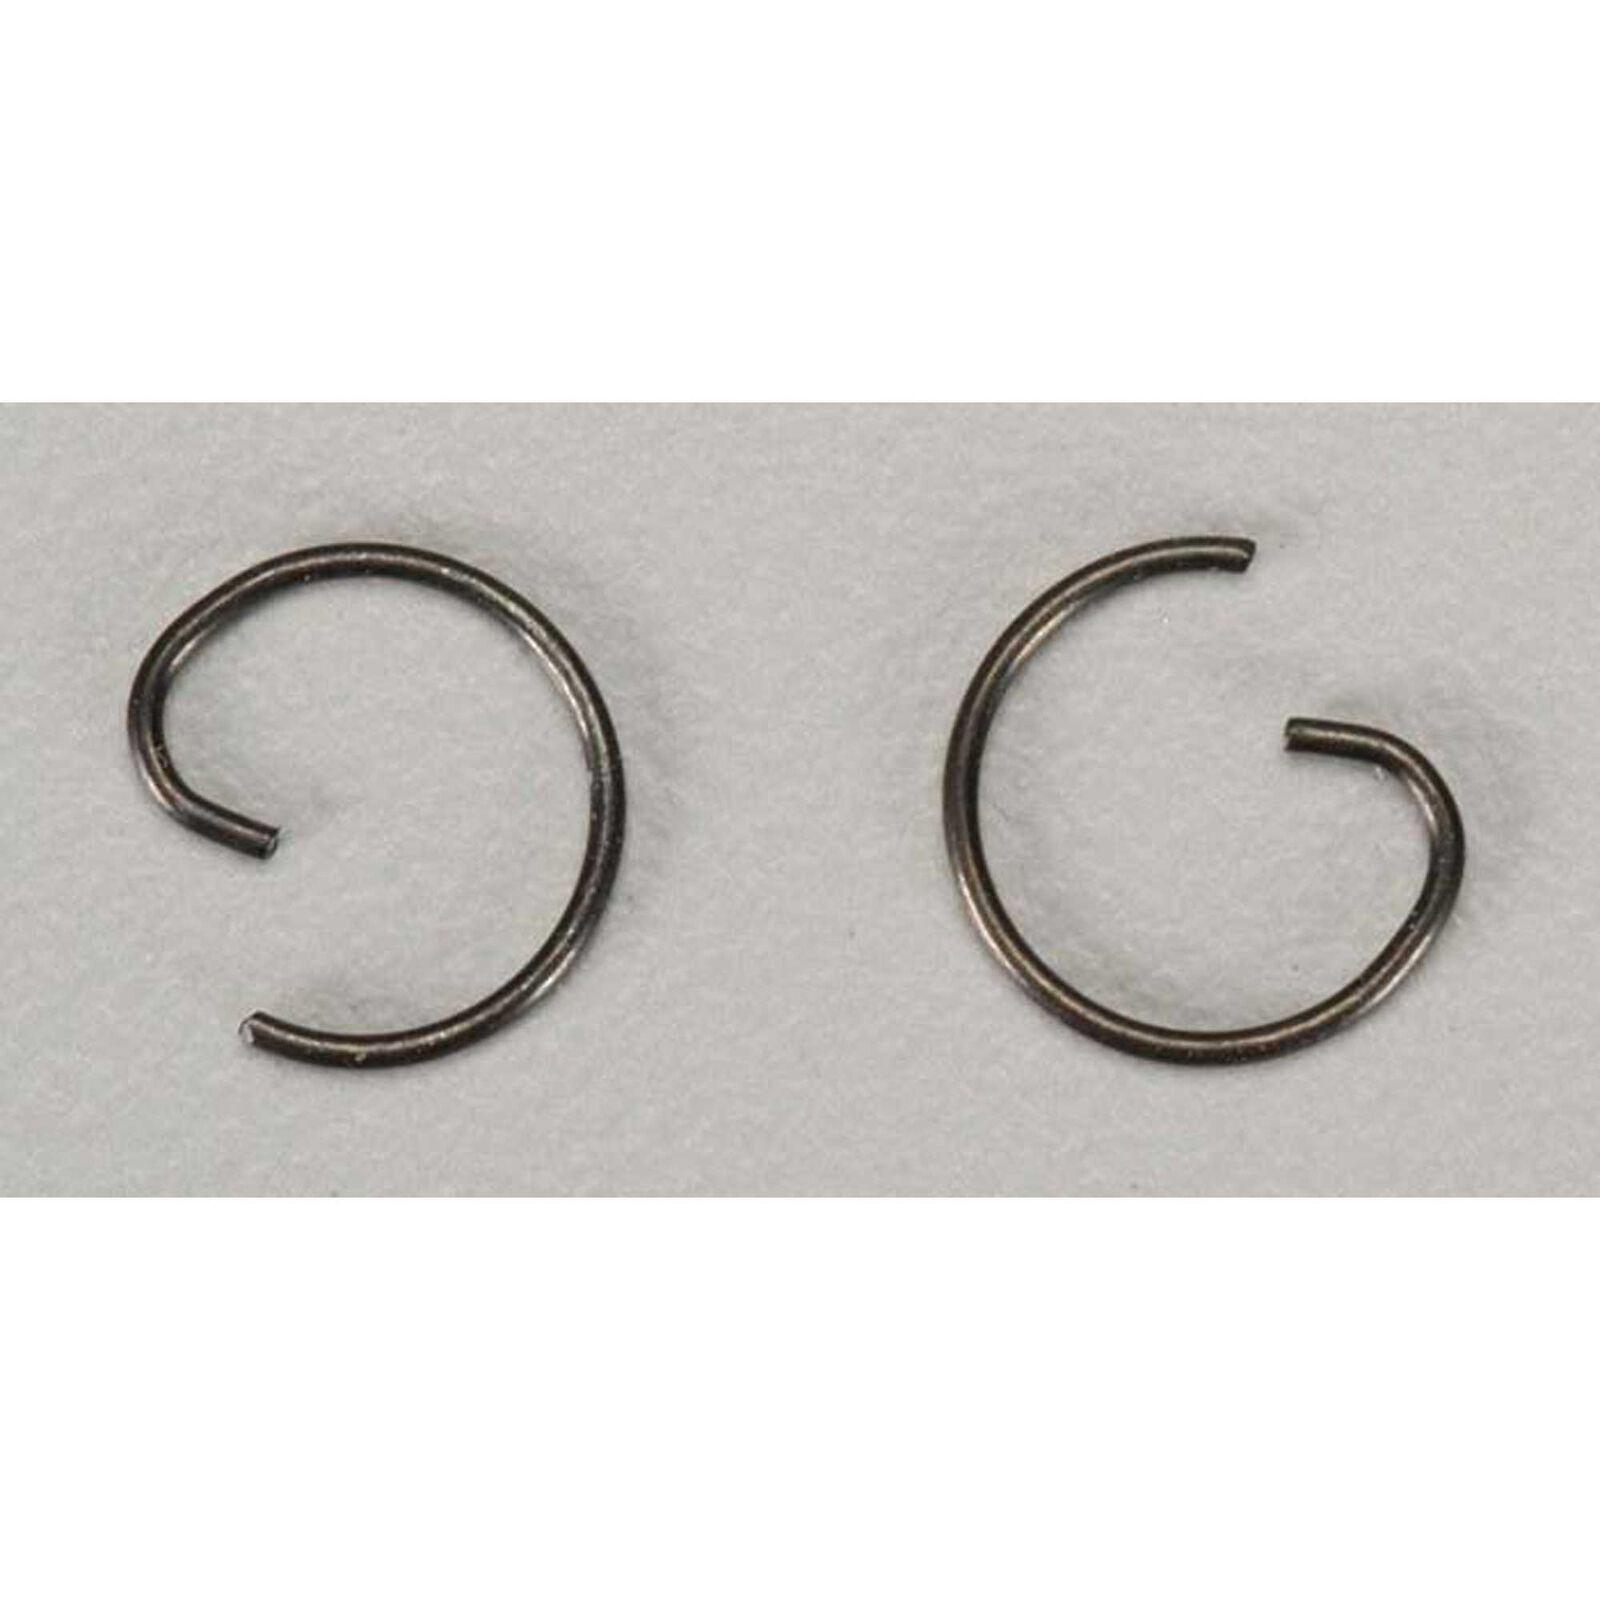 Piston Pin Retainer: 81VR-M